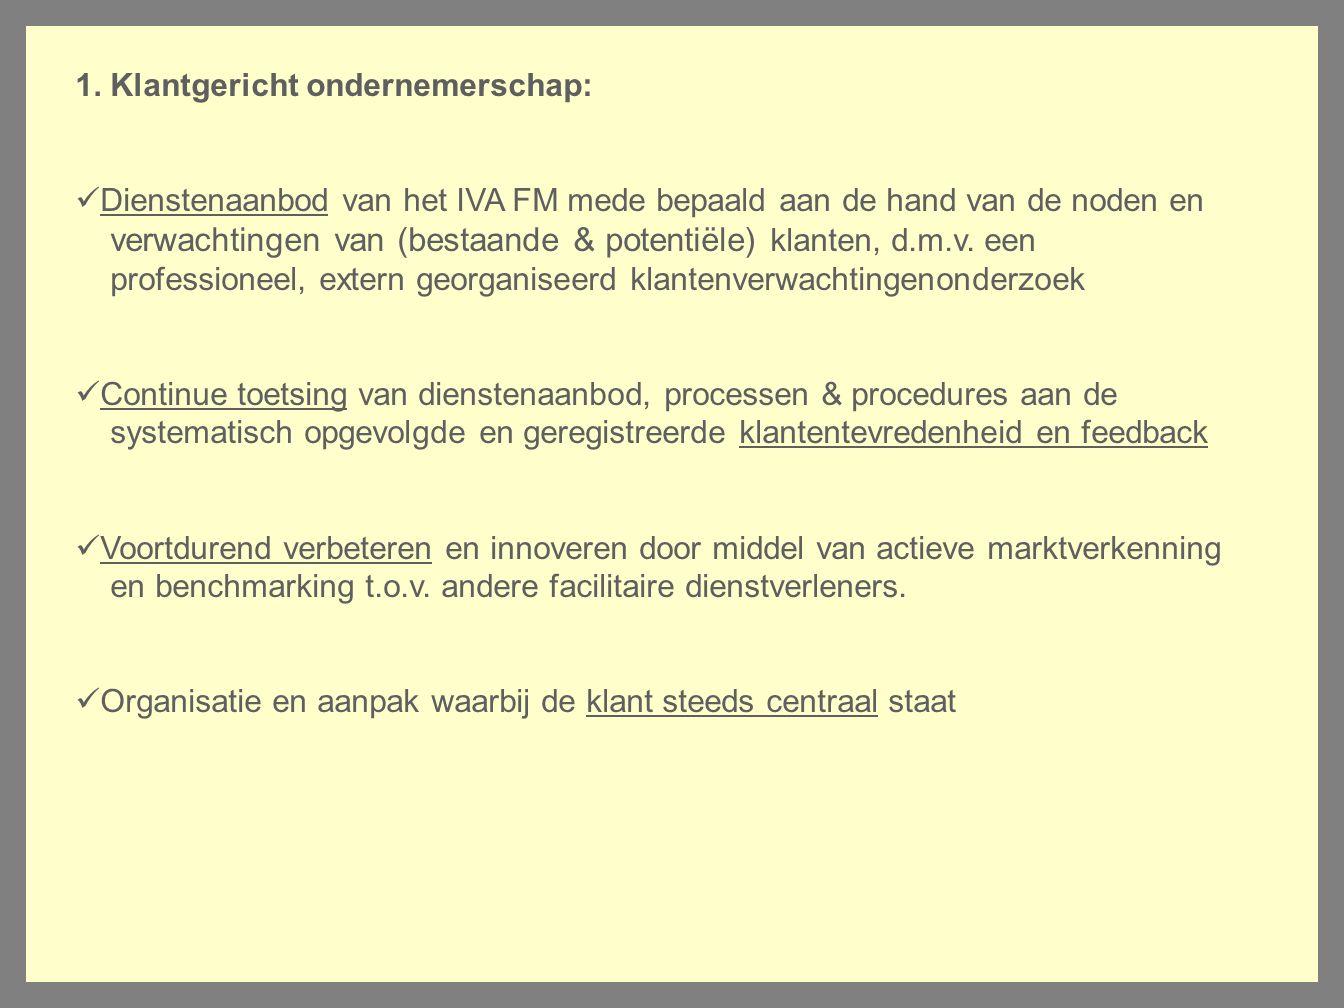 1. Klantgericht ondernemerschap: